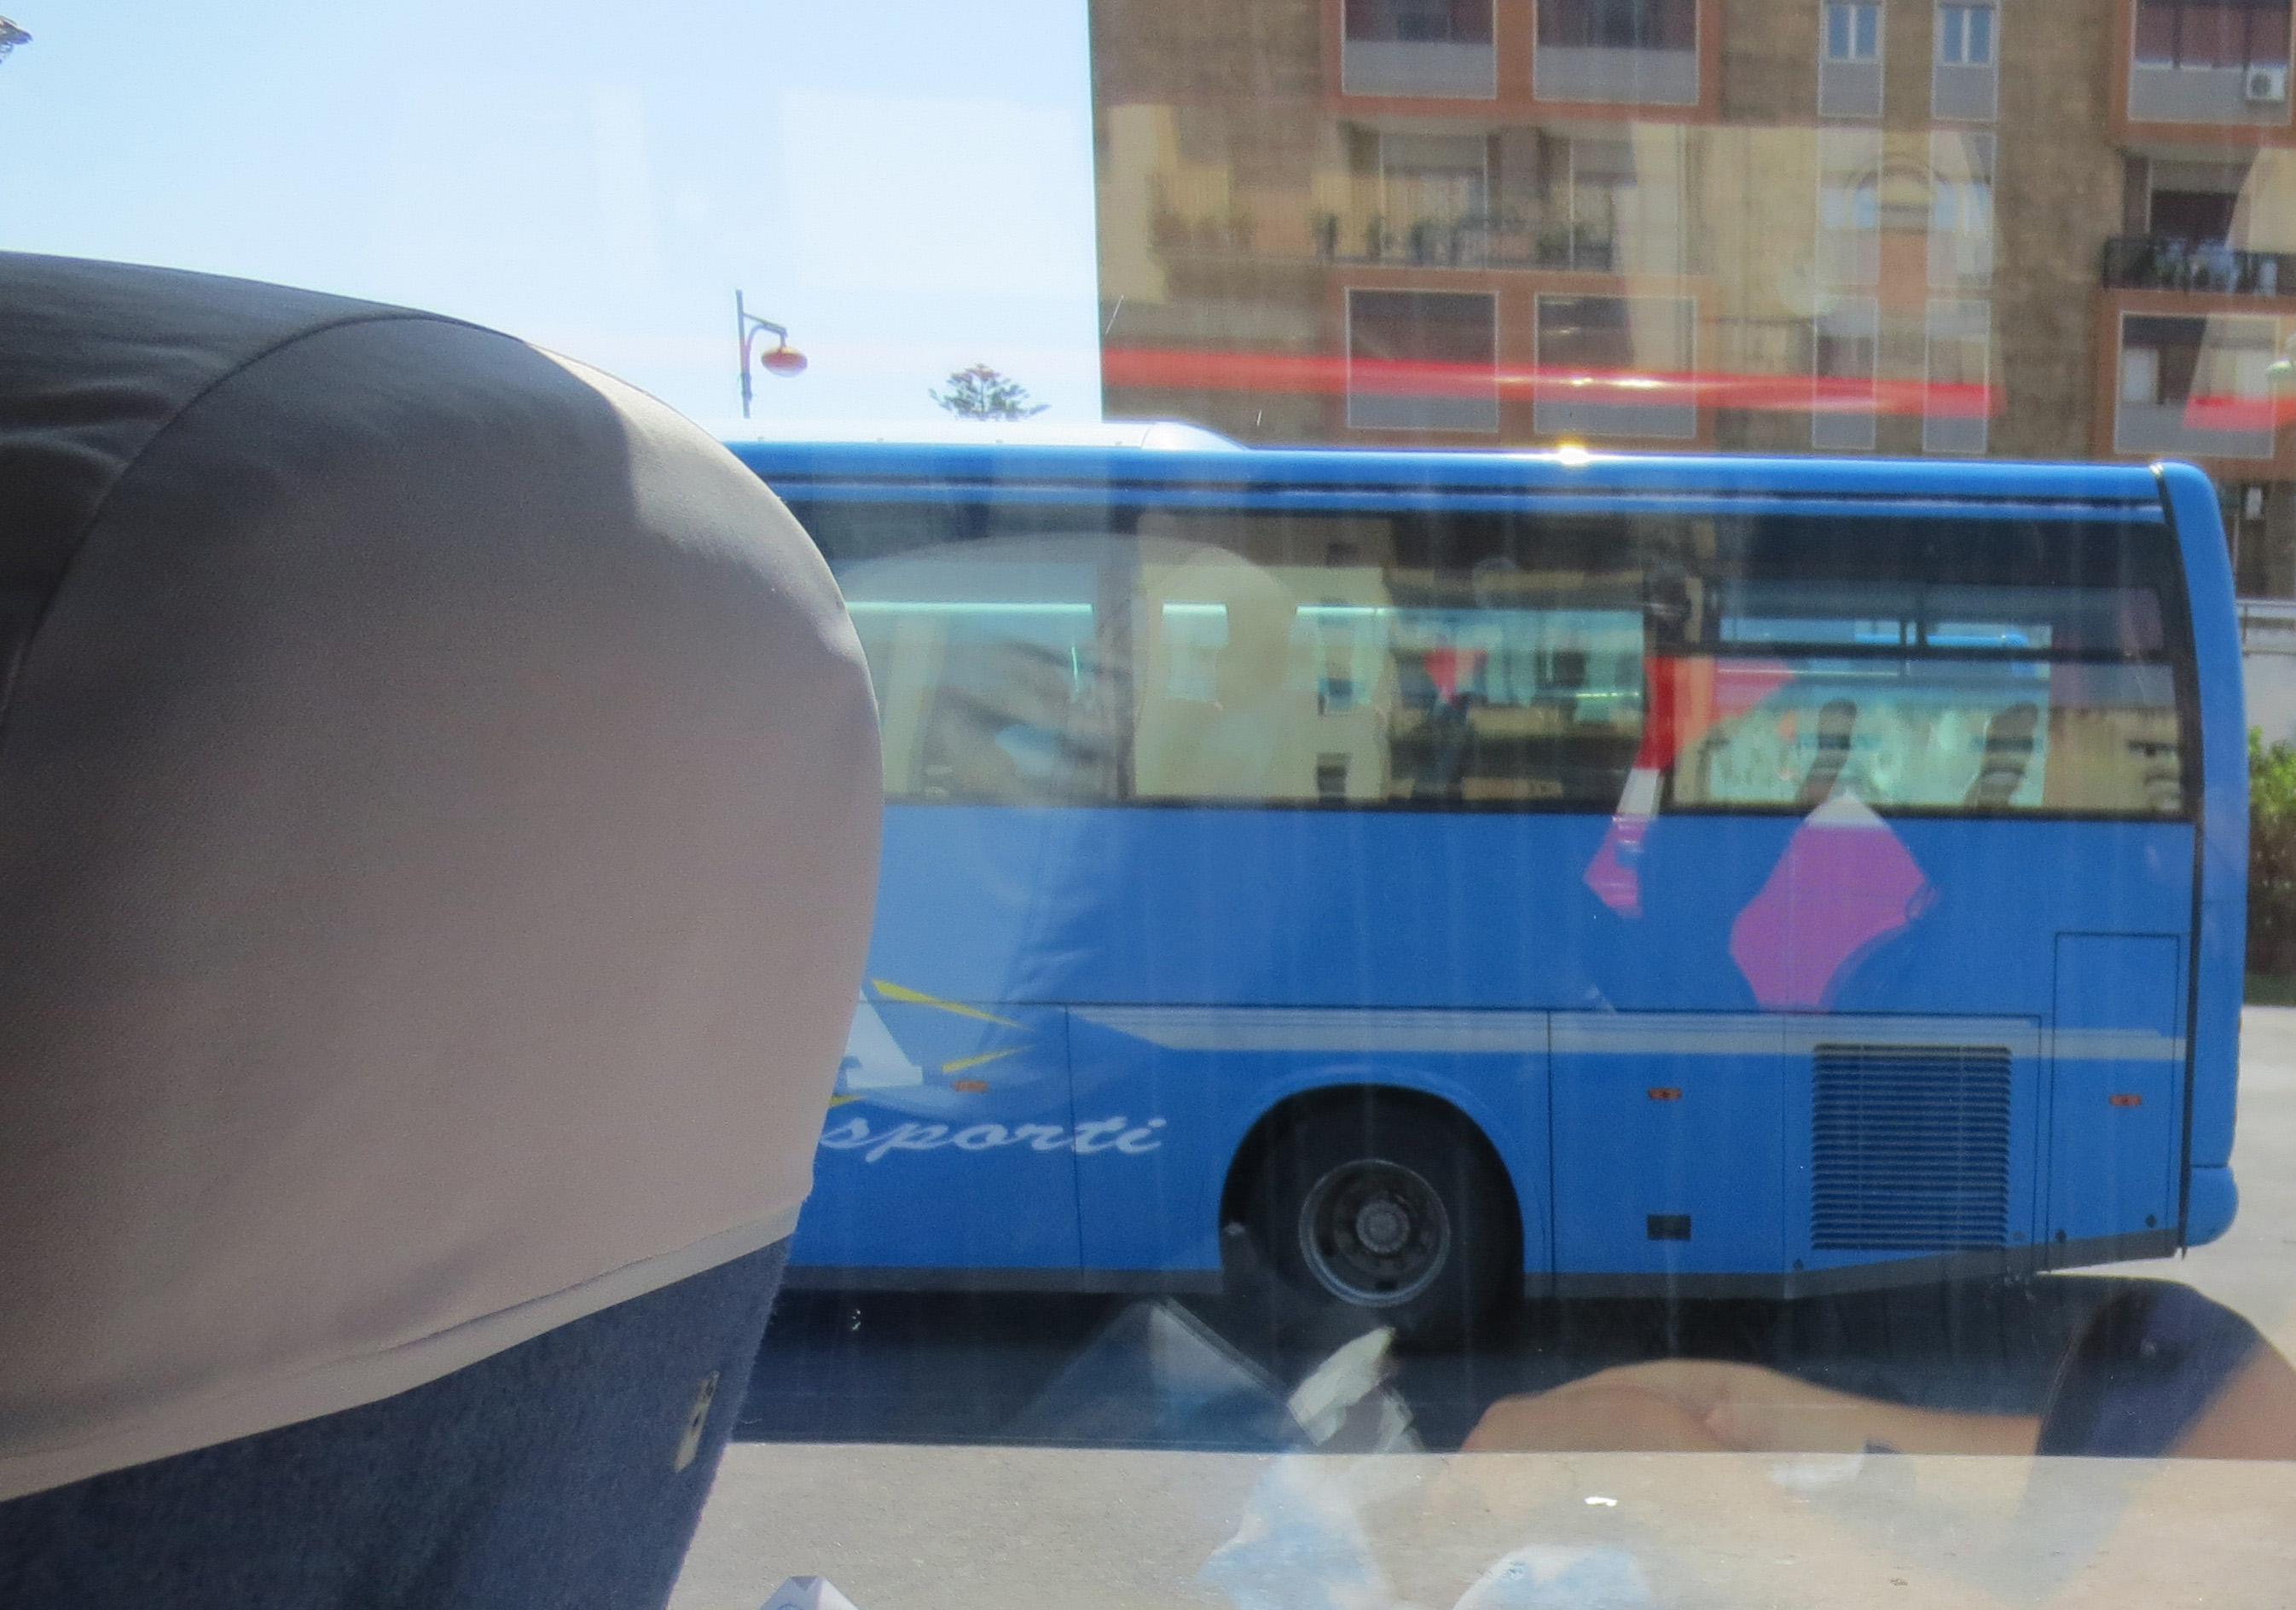 Italienischer Reisebus - Warten auf die Abfahrt